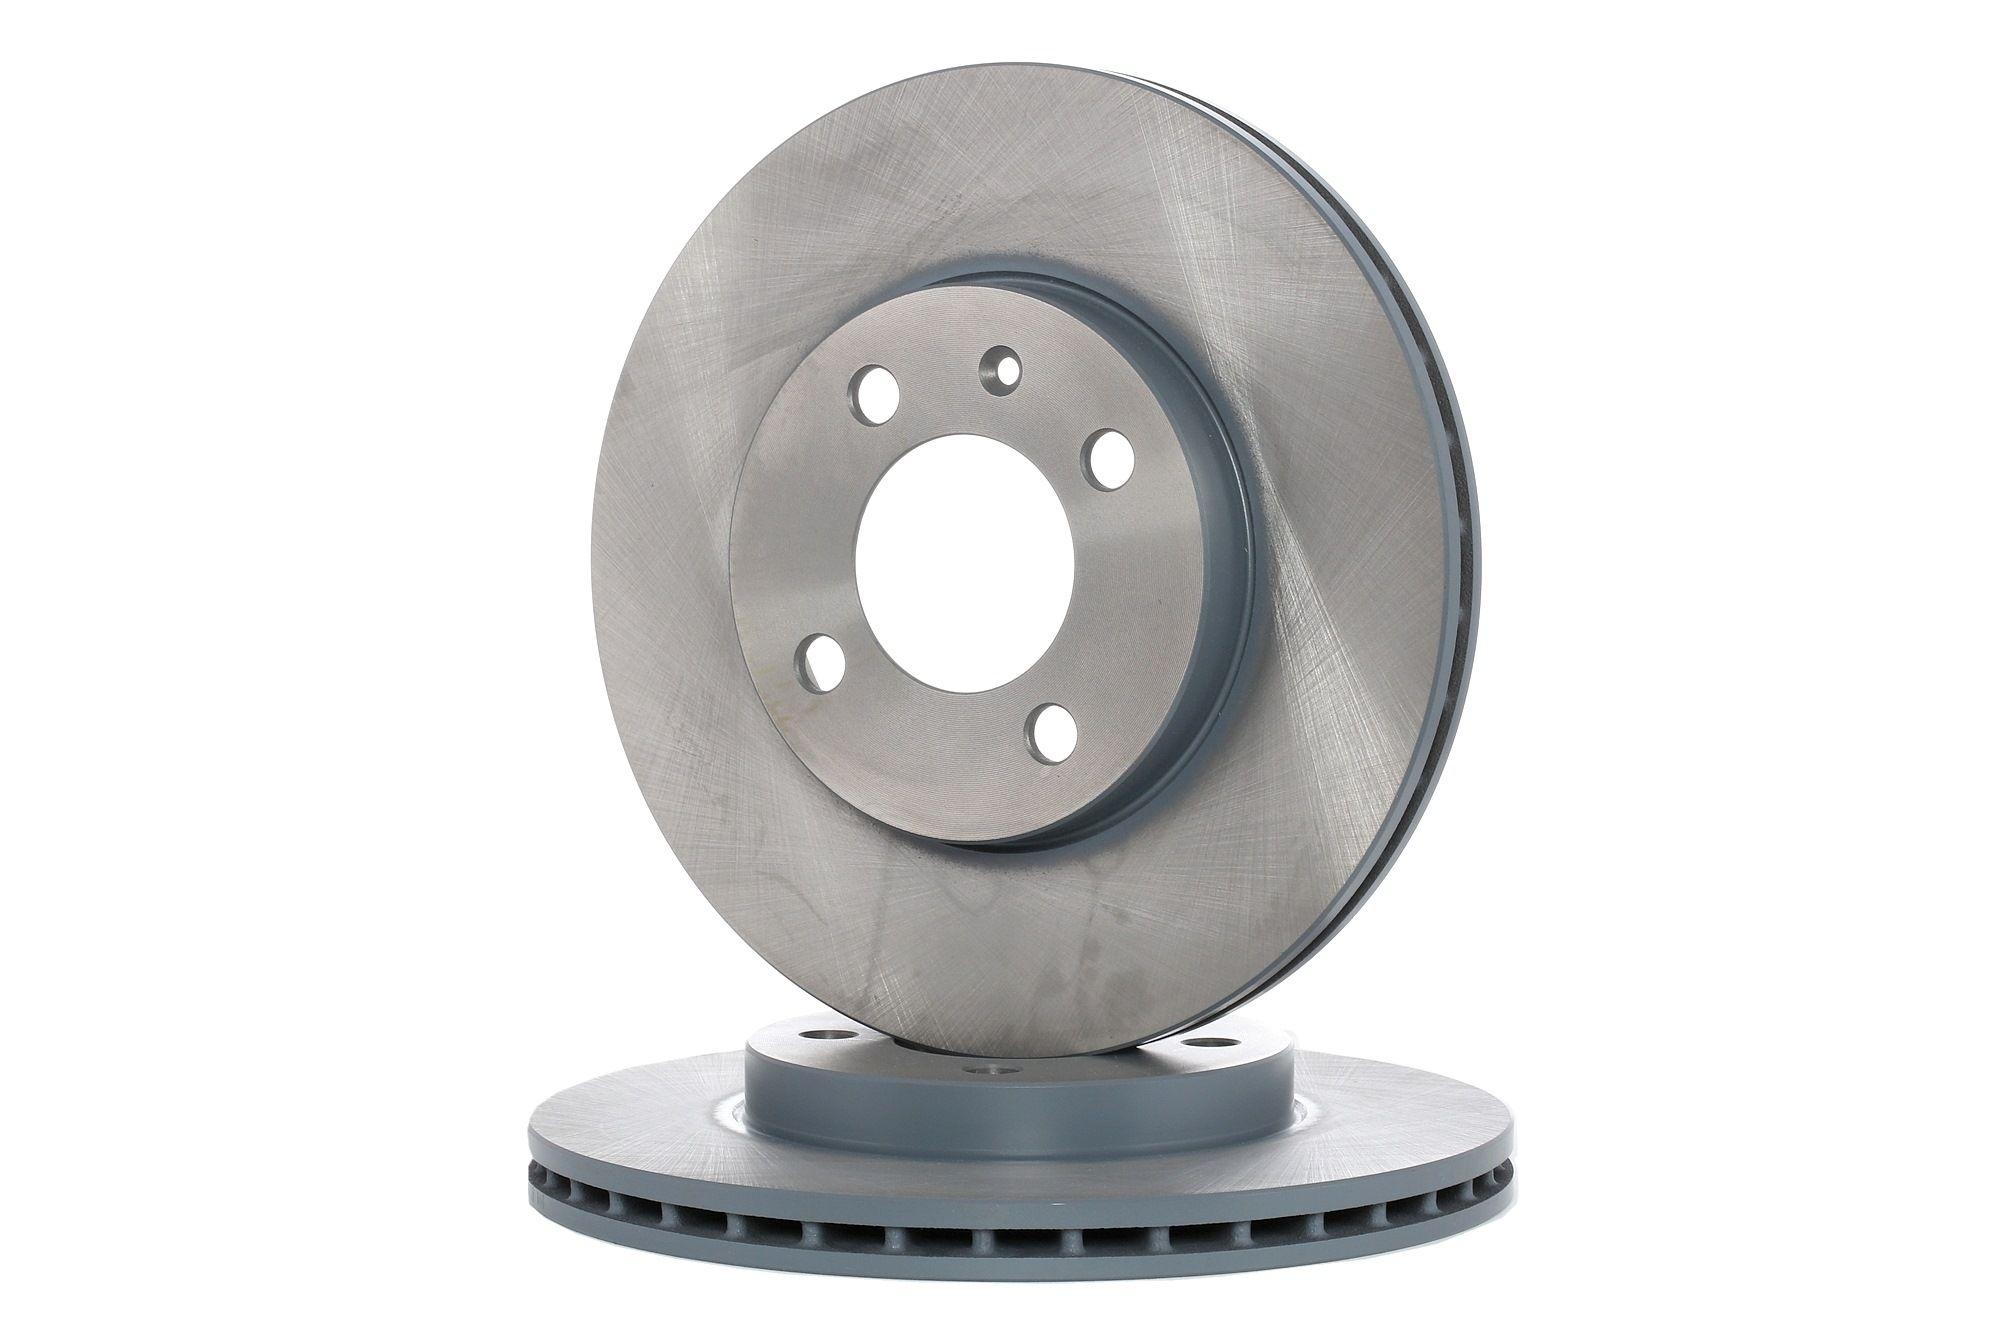 Achetez Disque FEBI BILSTEIN 06512 (Ø: 256,0mm, Épaisseur du disque de frein: 20mm) à un rapport qualité-prix exceptionnel